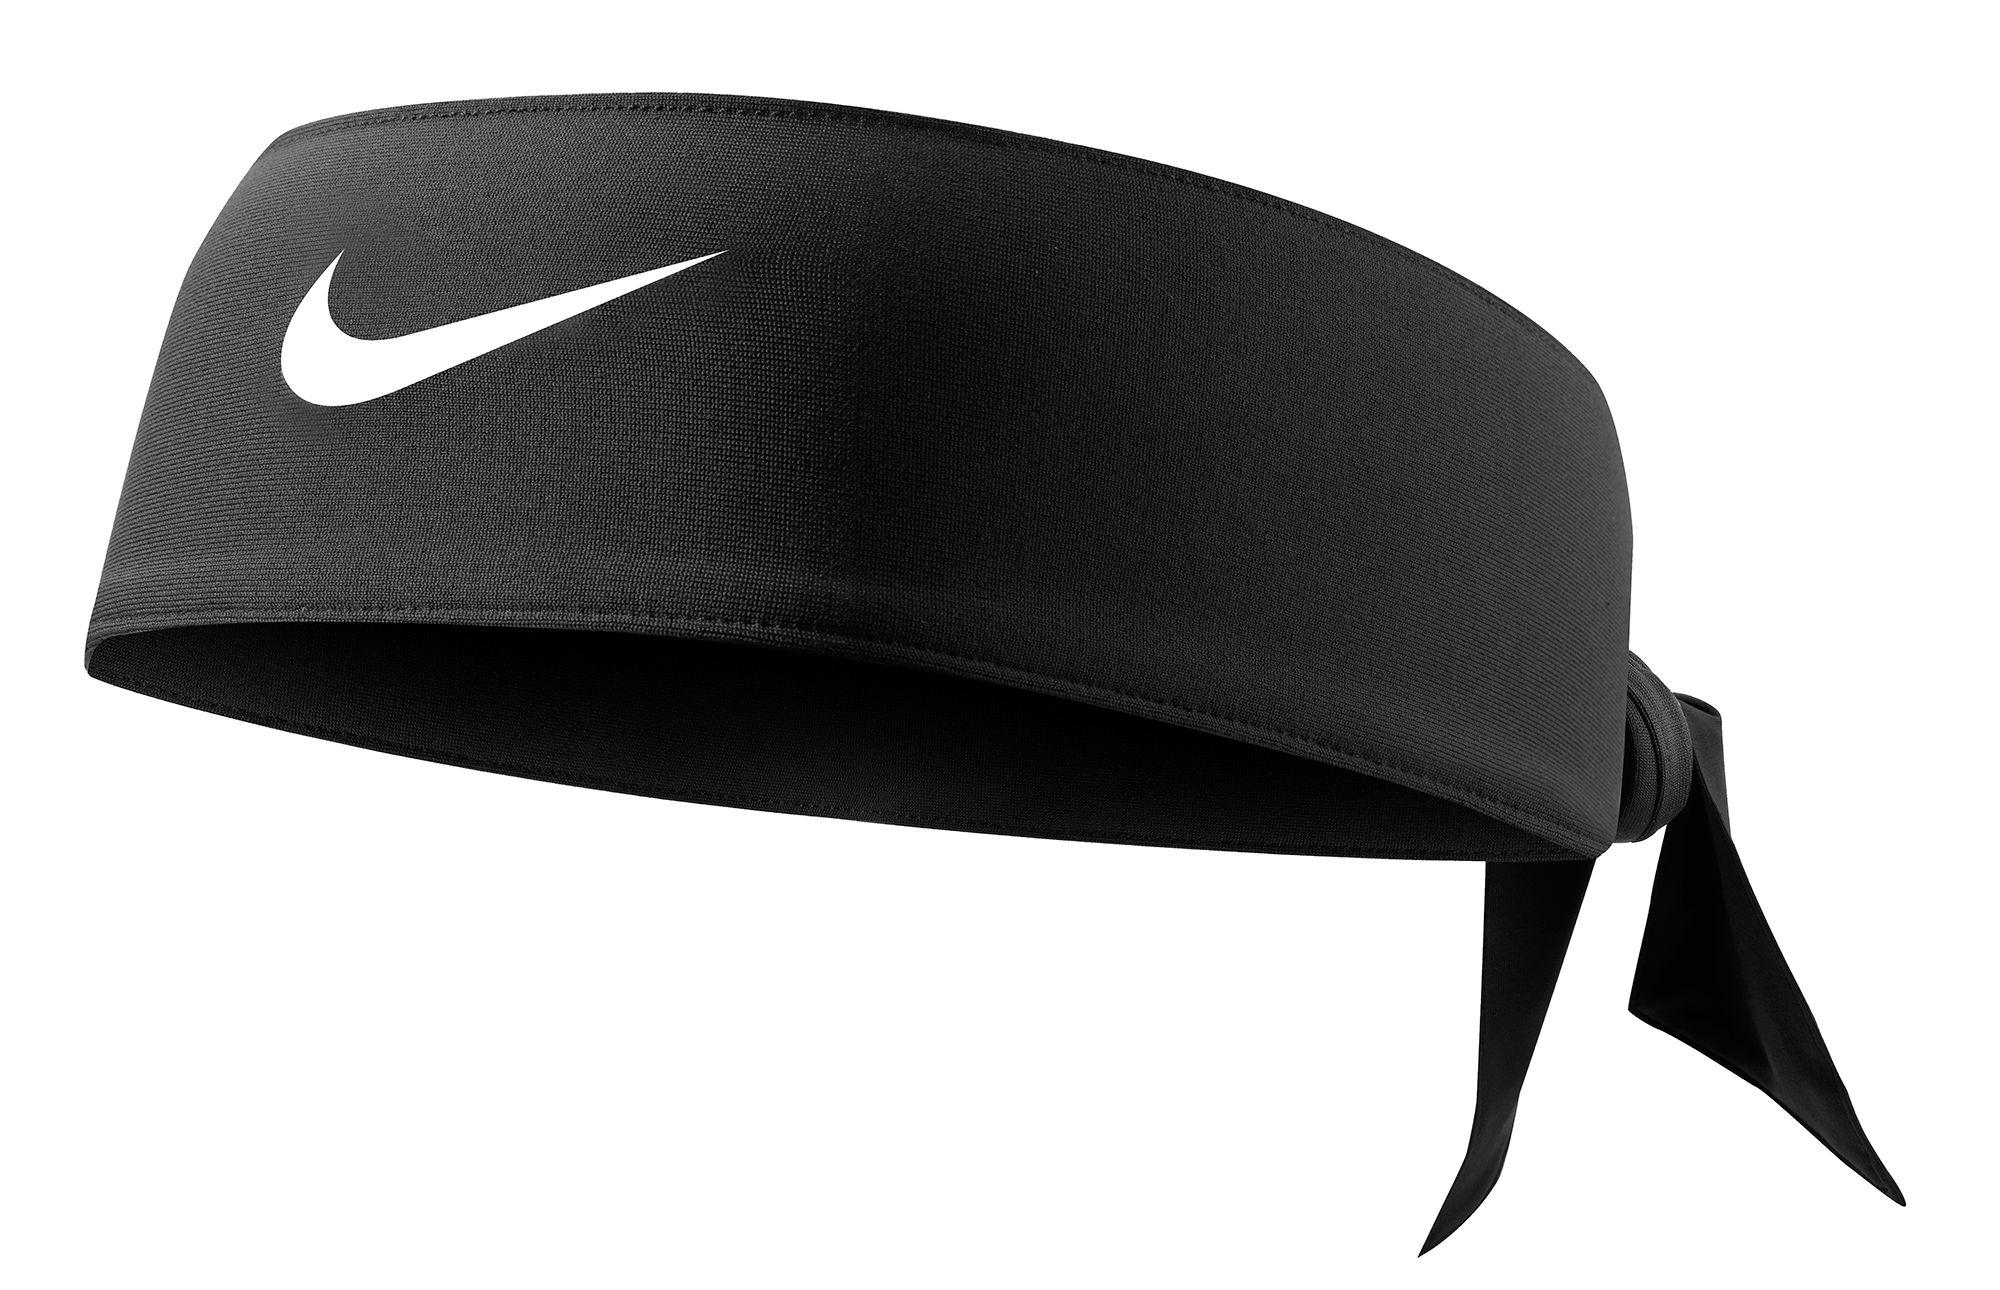 Nike Dri-FIT 3.0 Head Tie | Free